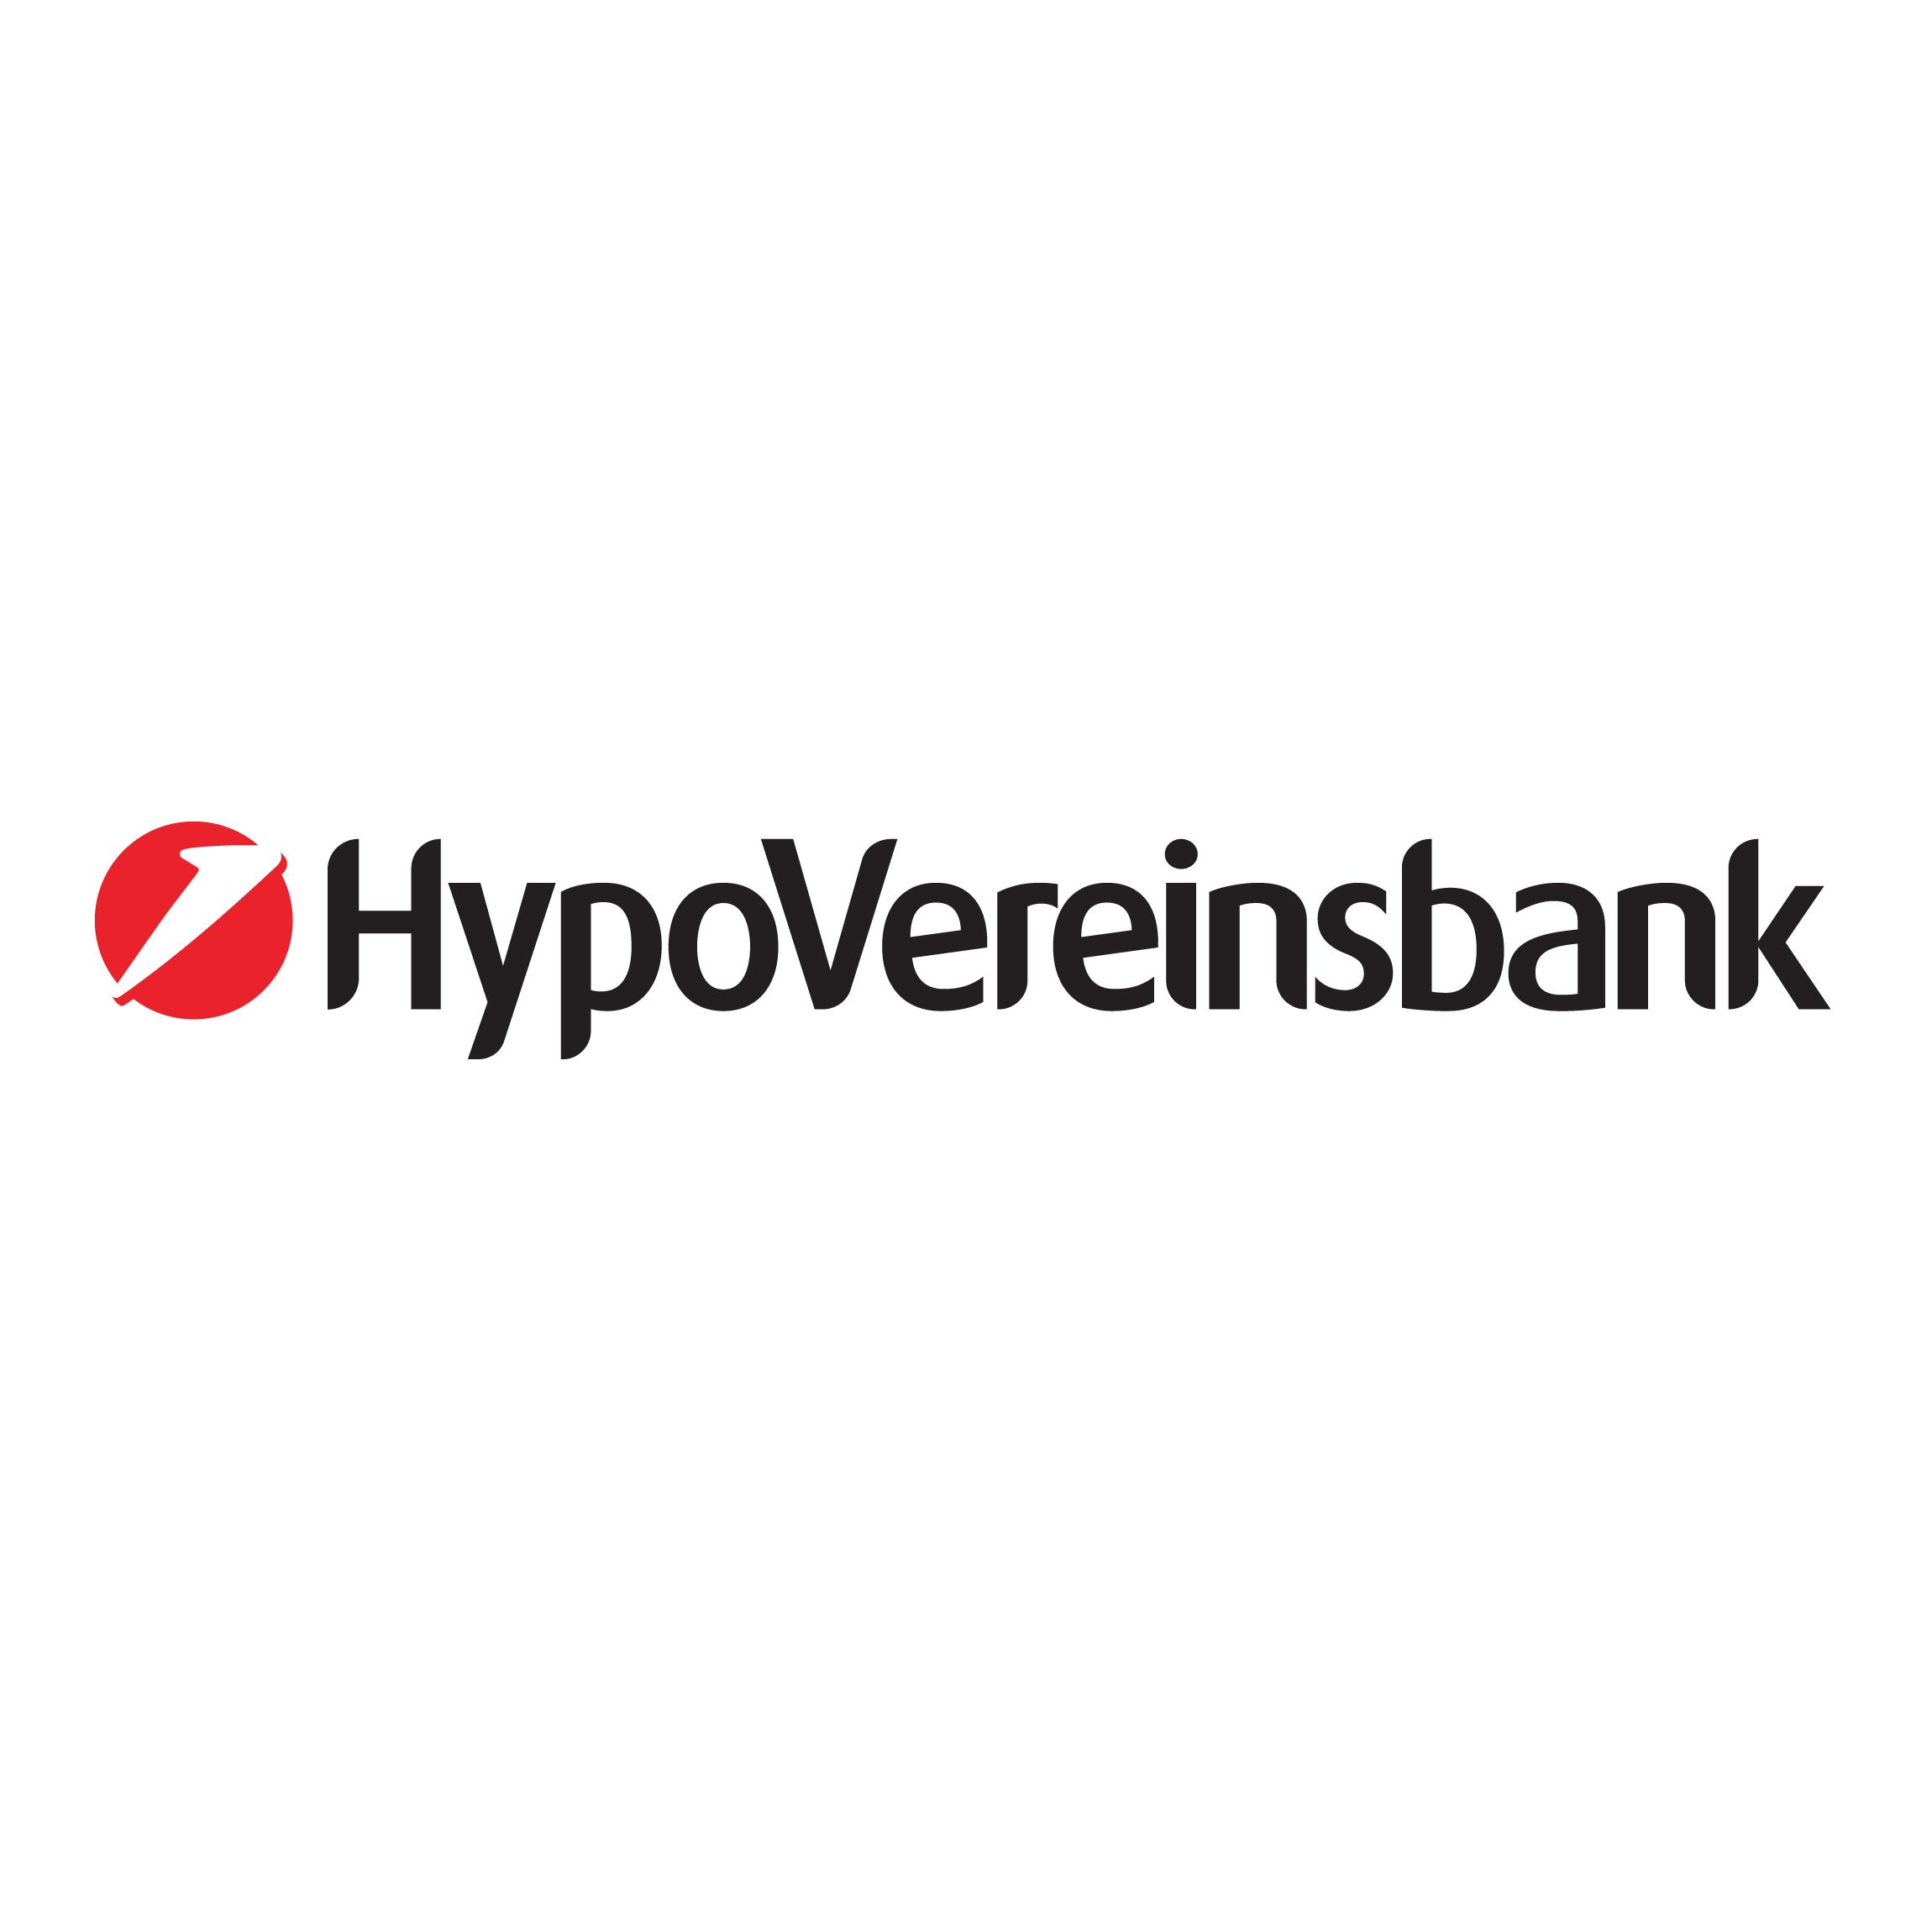 HypoVereinsbank Landshut